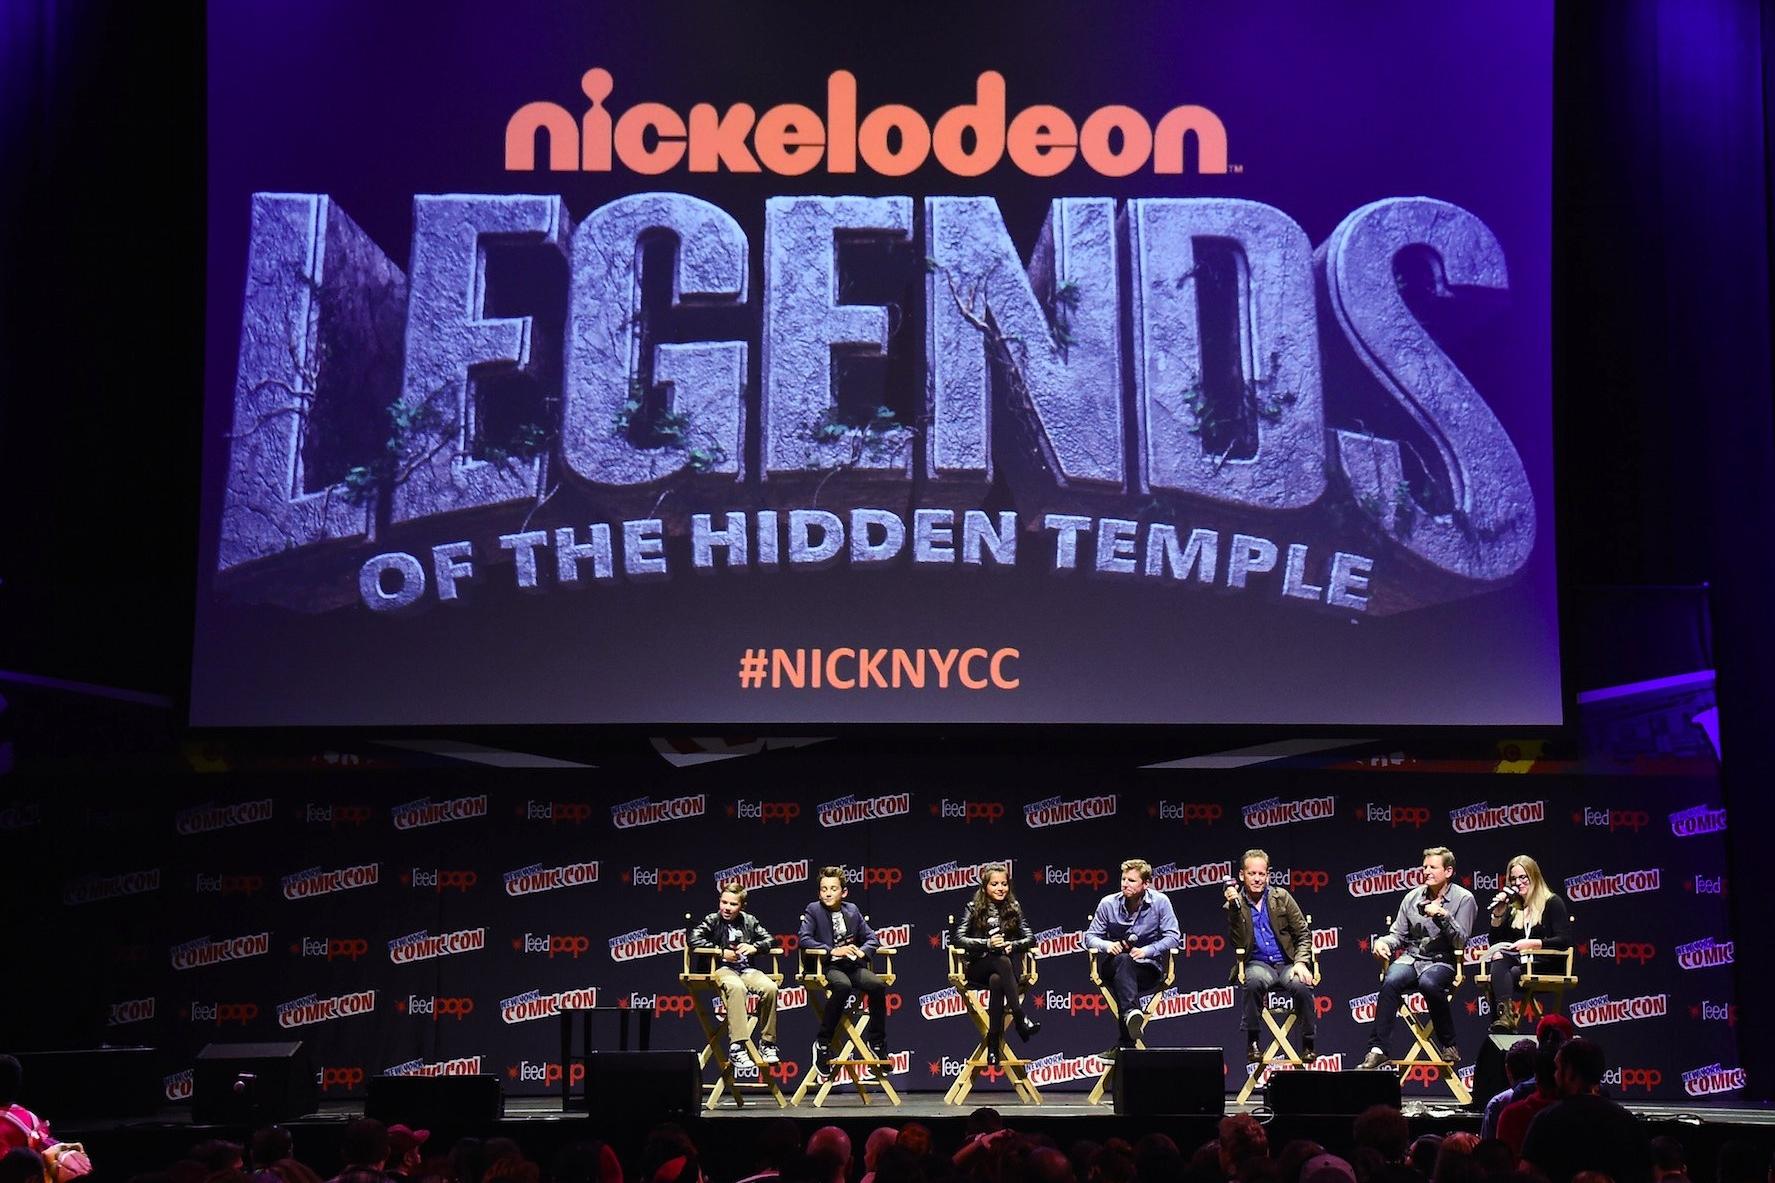 nickelodeon legends of the hidden temple new york comic con 2016.jpg